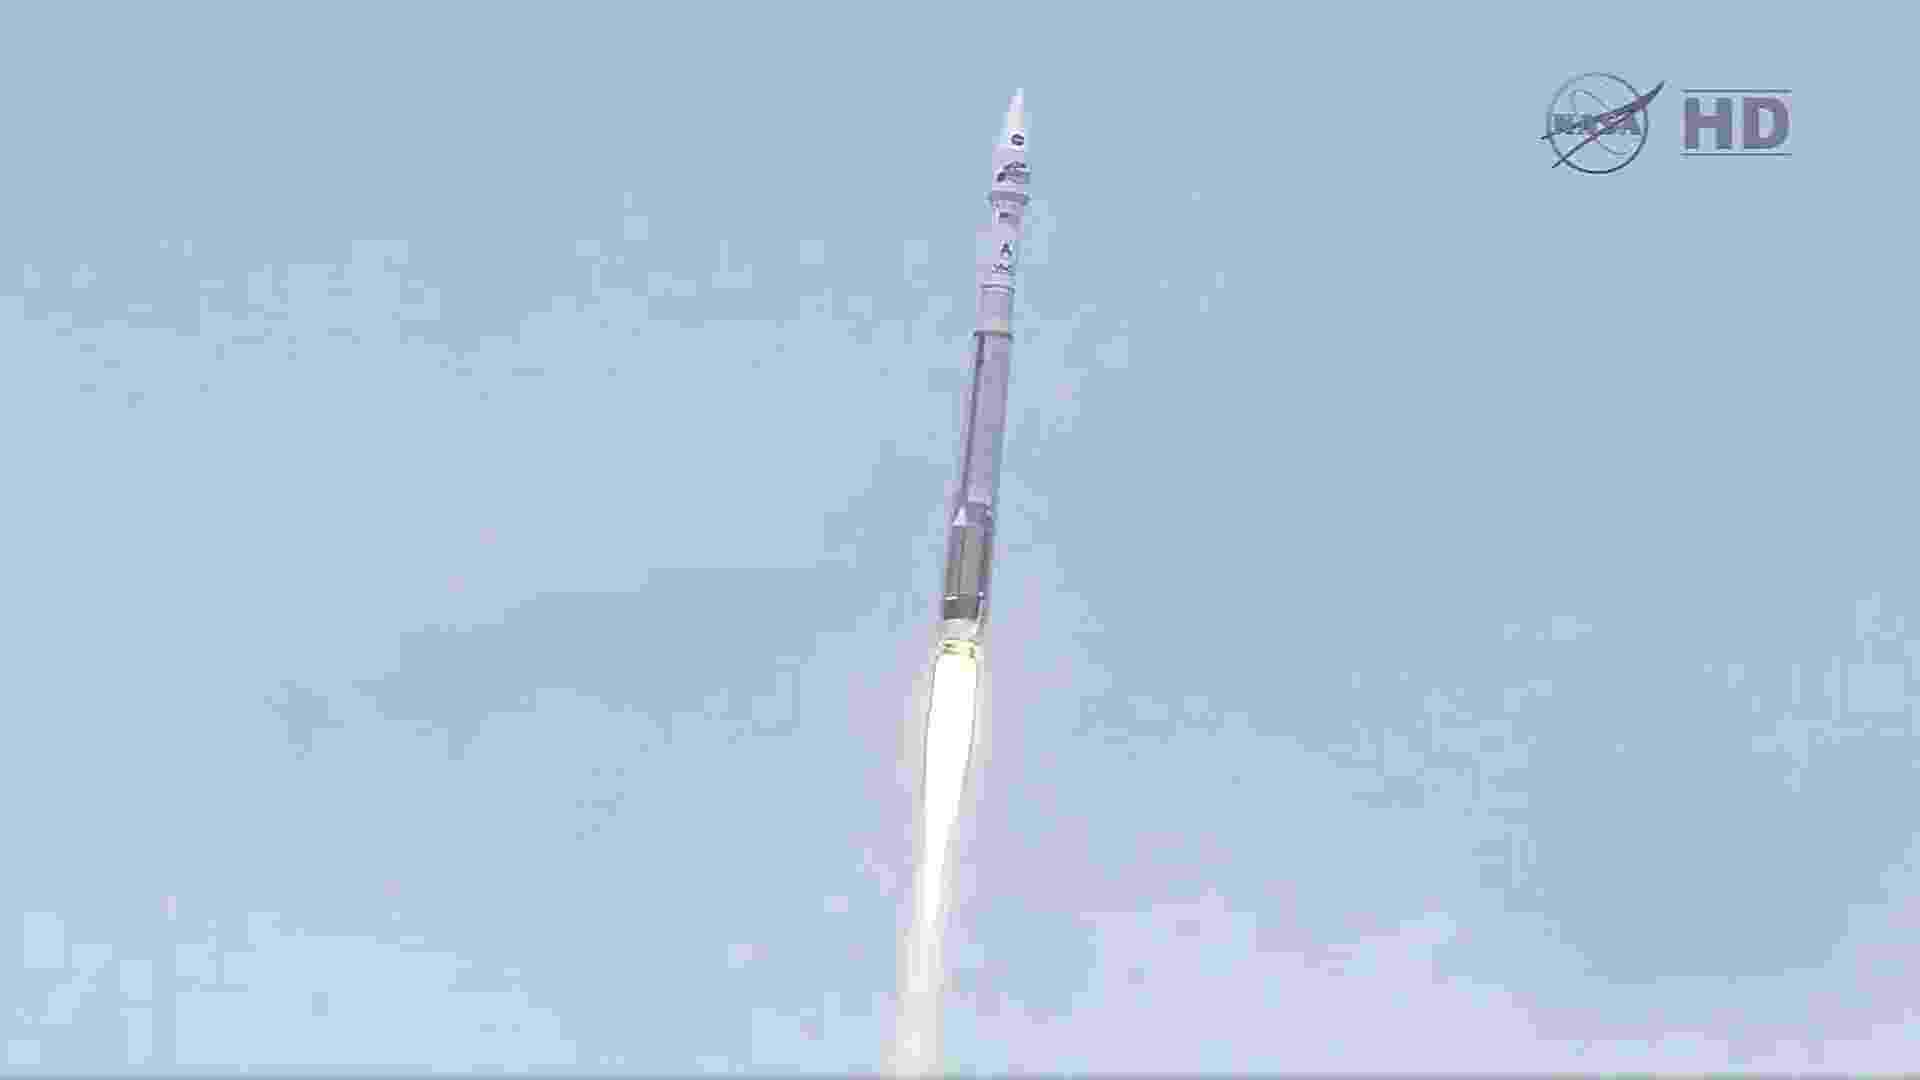 18.nov.2013 - A Nasa lançou nesta segunda-feira (18), às 16:28 (horário de Brasília), um foguete com a nave não tripulada Maven, que vai averiguar por que Marte perdeu boa parte de sua atmosfera. A sonda alcançará a órbita de Marte no ano que vem para analisar as camadas de sua atmosfera superior e as interações com o sol e o vento solar que podem ter influenciado a perda de gases, segundo a agência espacial americana - AFP/Nasa TV